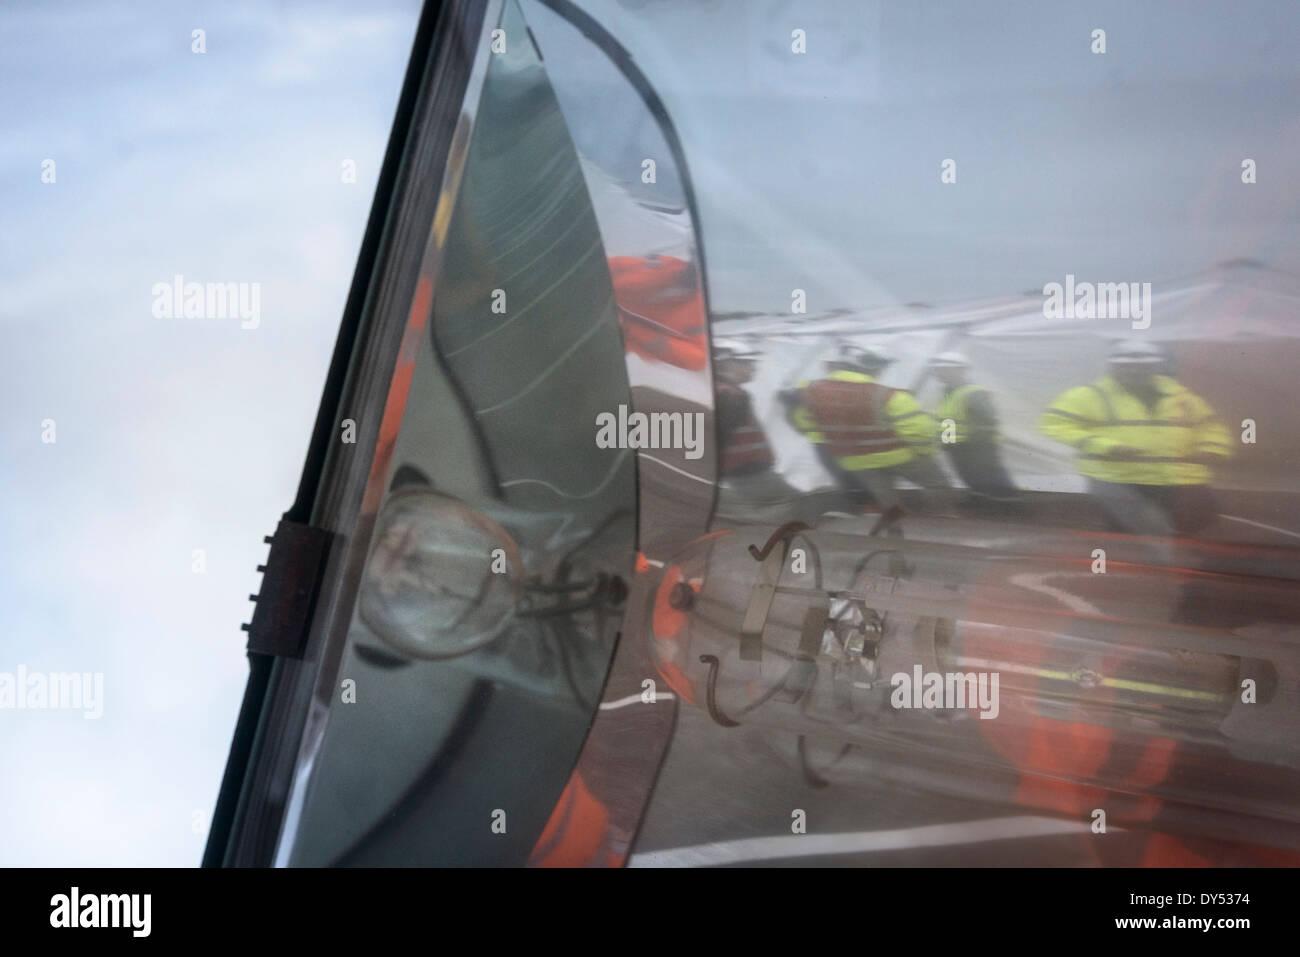 Il team di risposta alle emergenze riflessa nel vetro di lampada Immagini Stock